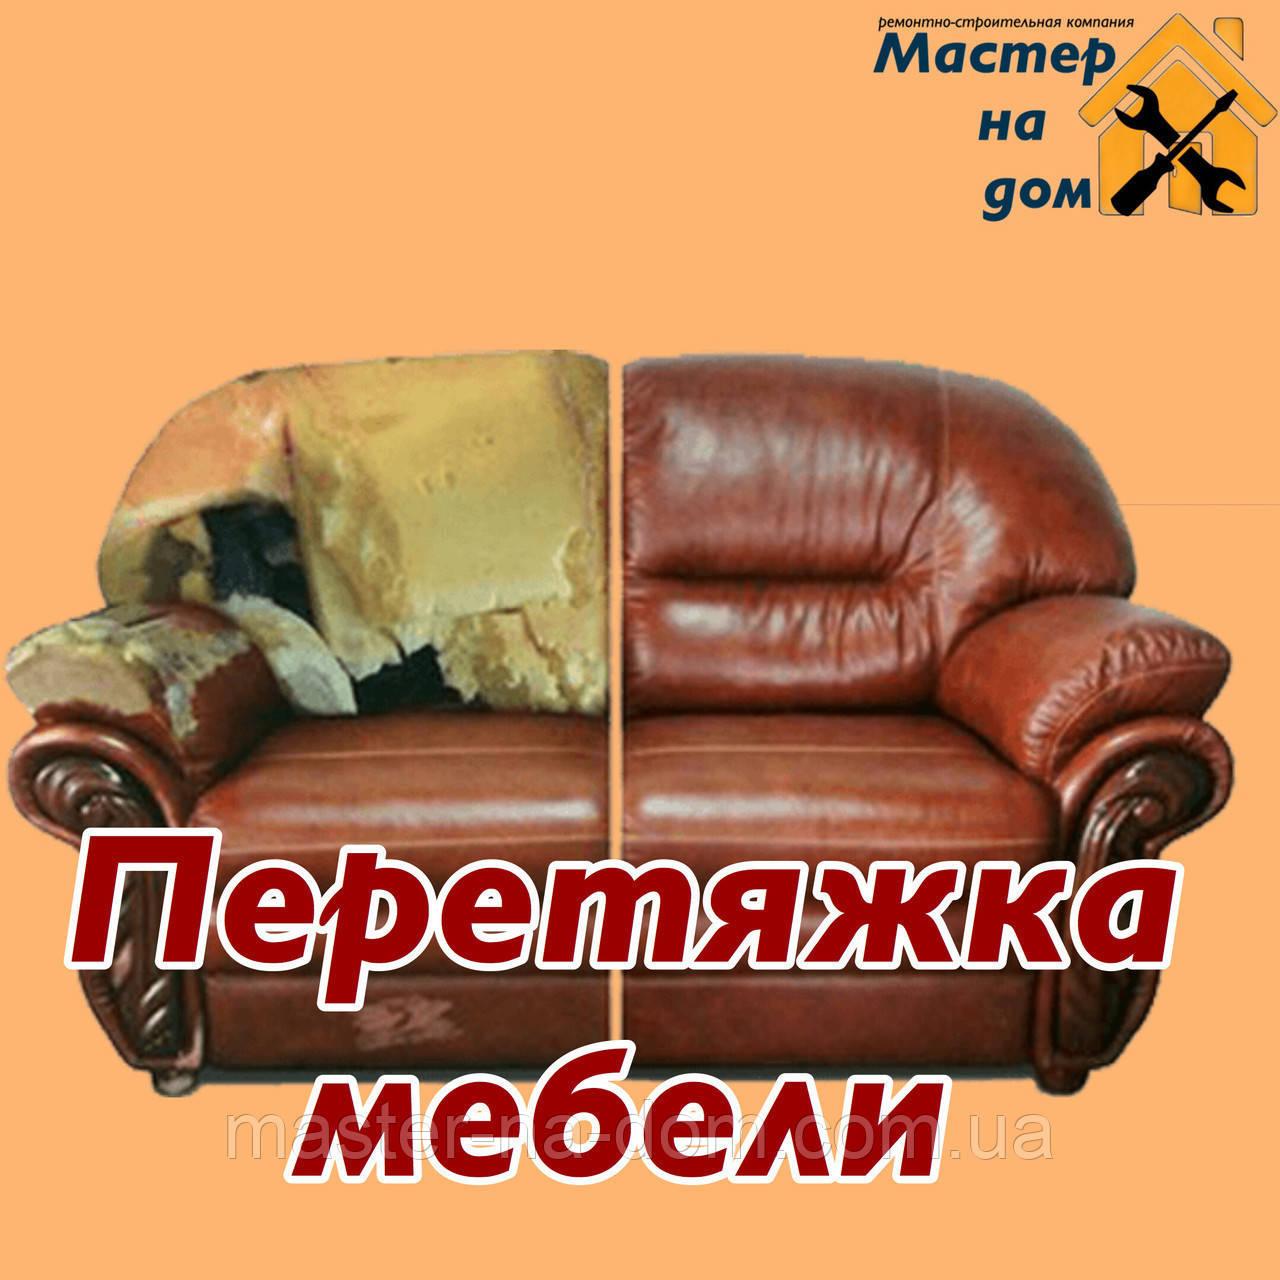 Перетяжка меблів в Хмельницькому з гарантією